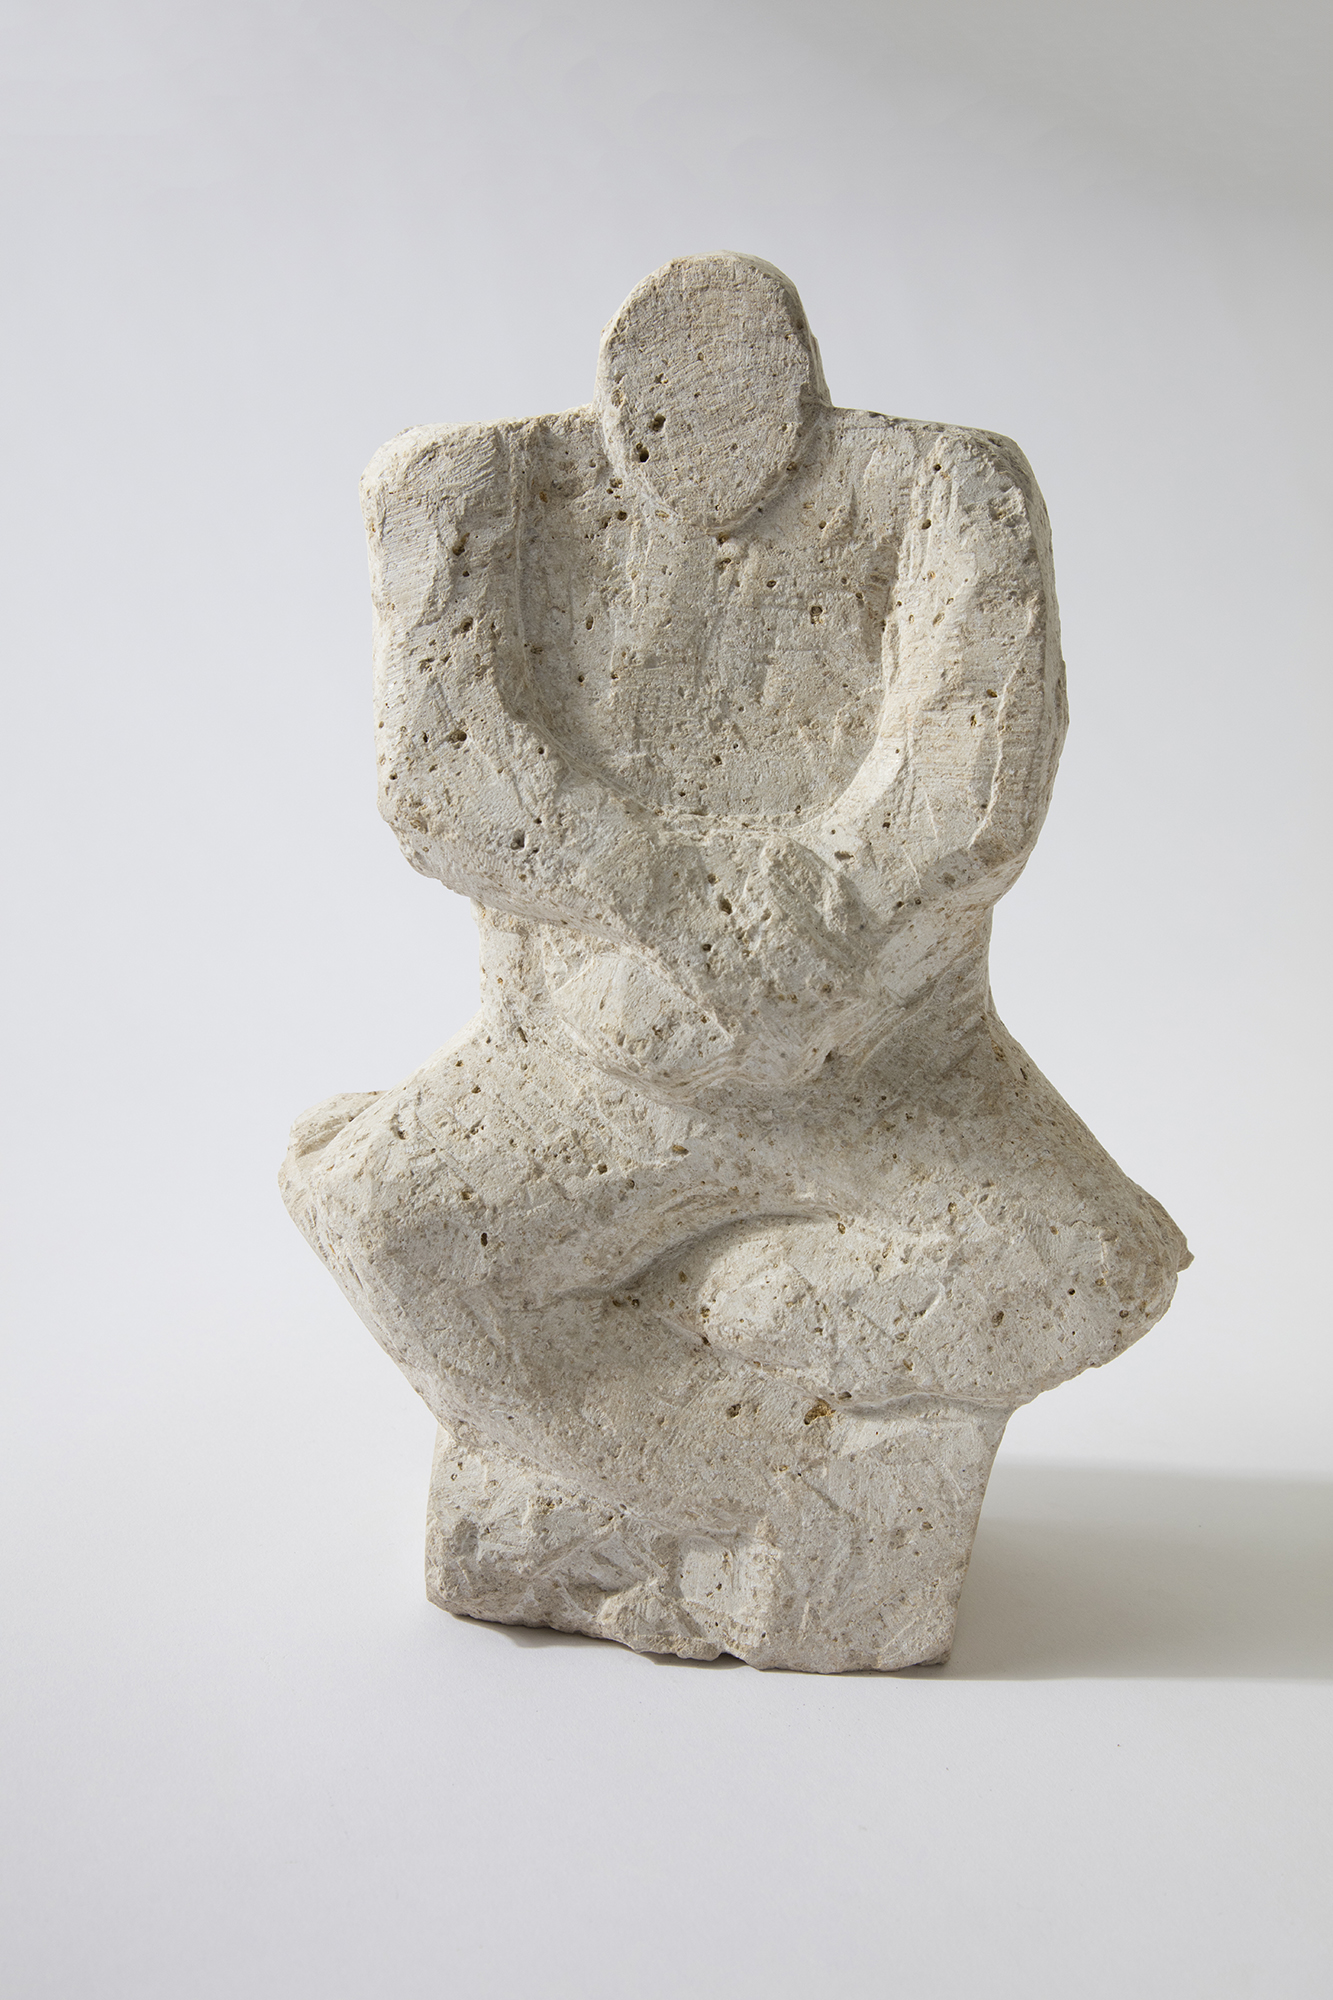 Seated Figure, limestone, 2017